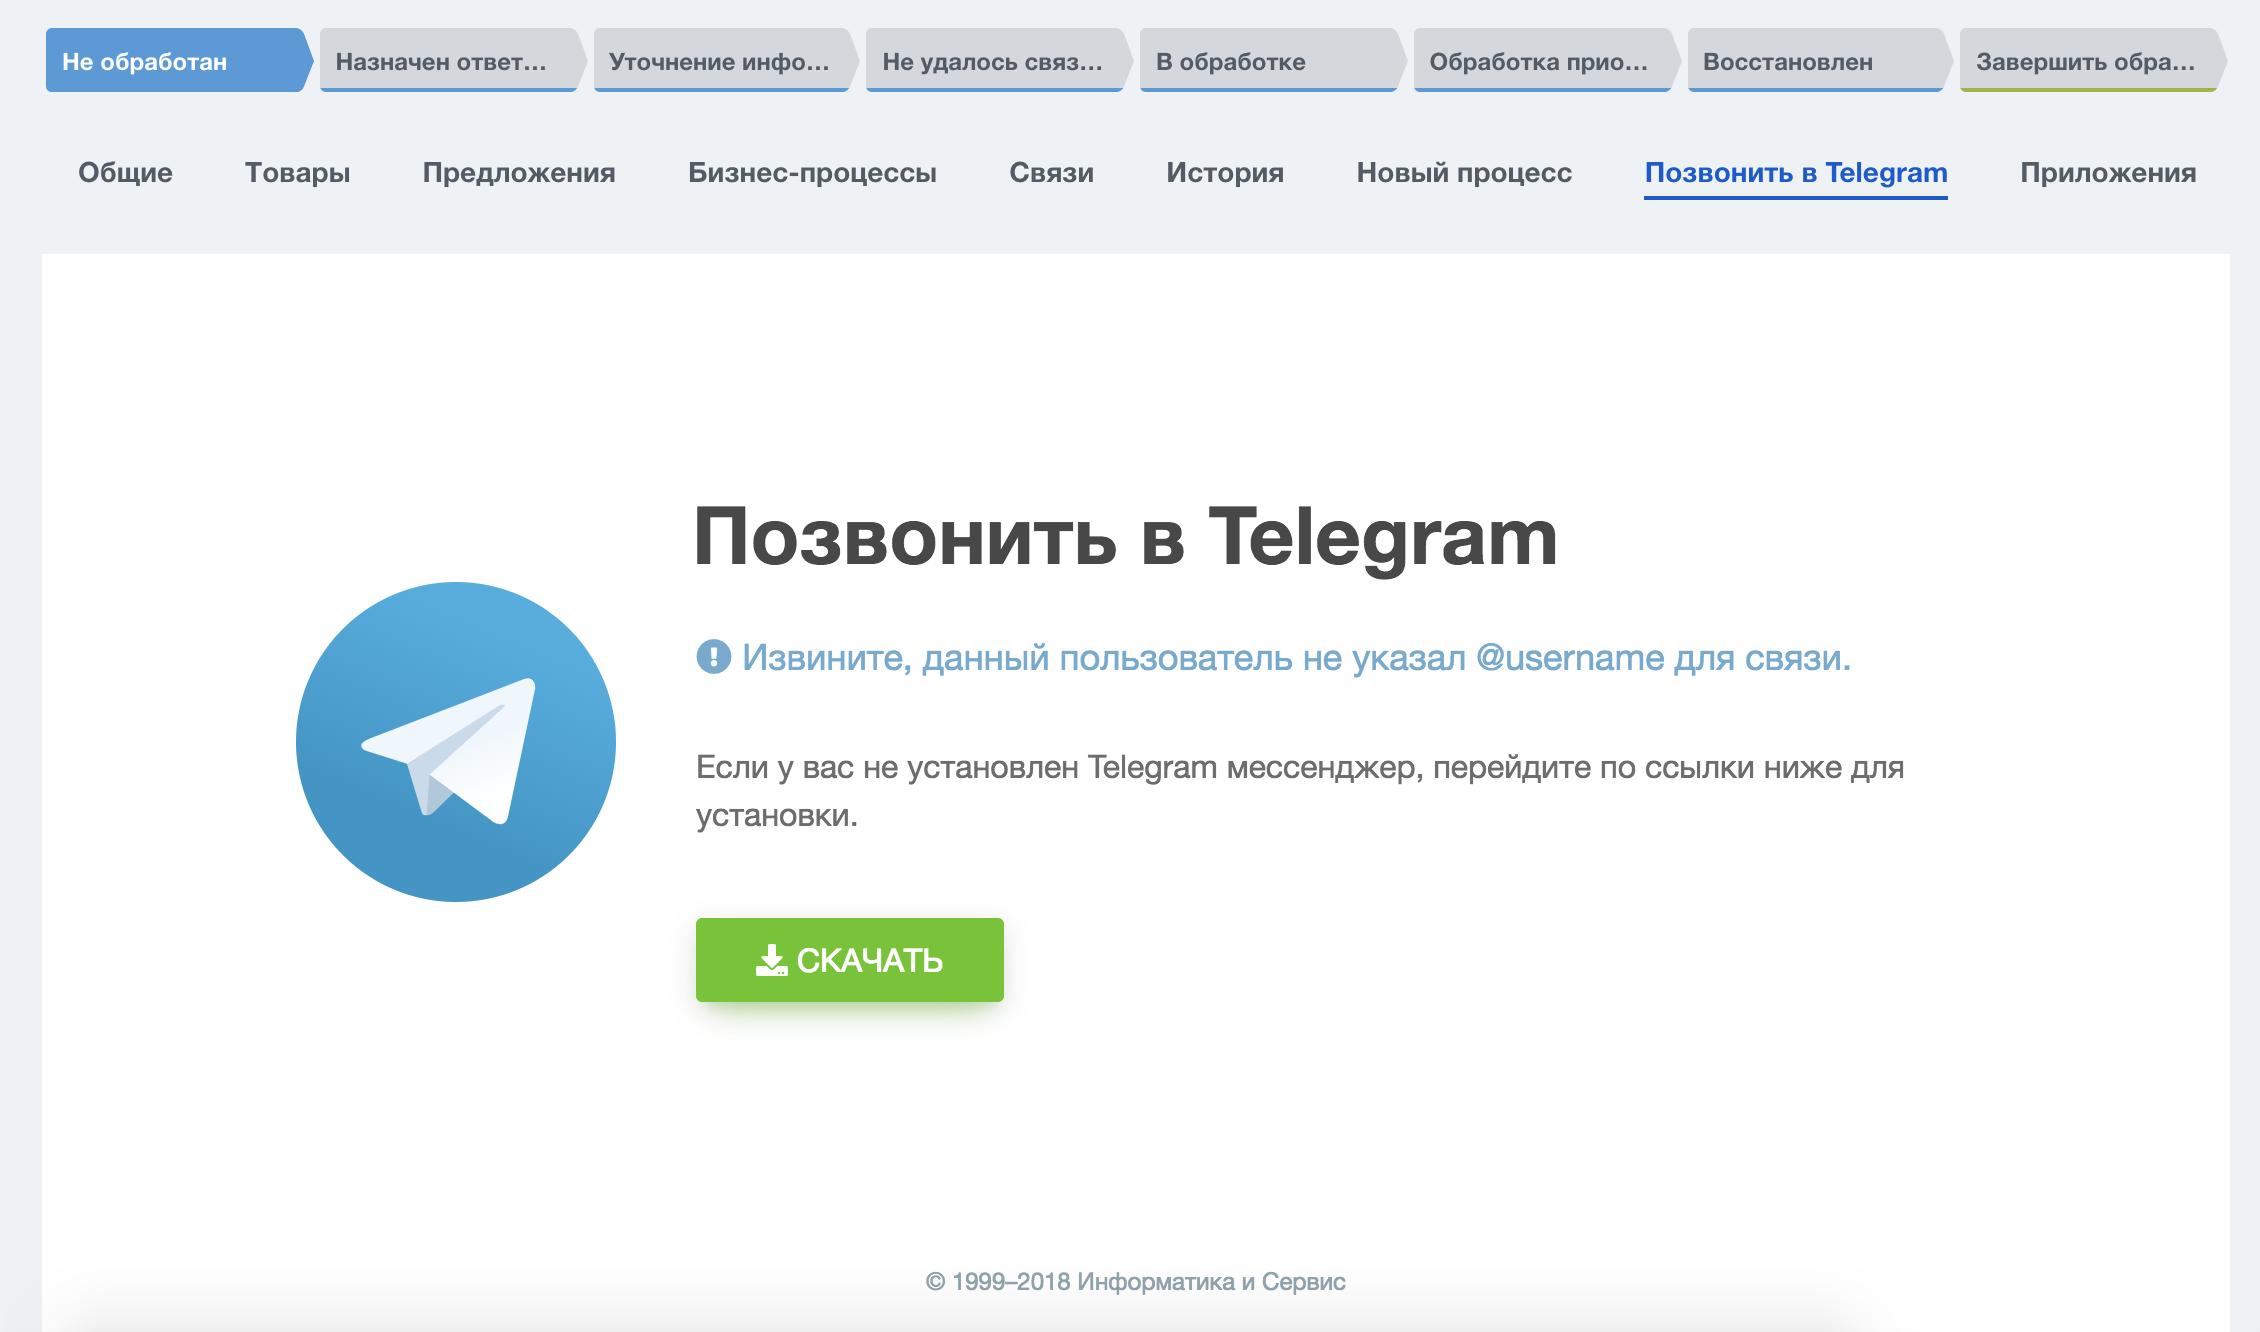 Telegram и битрикс порты bitrix24